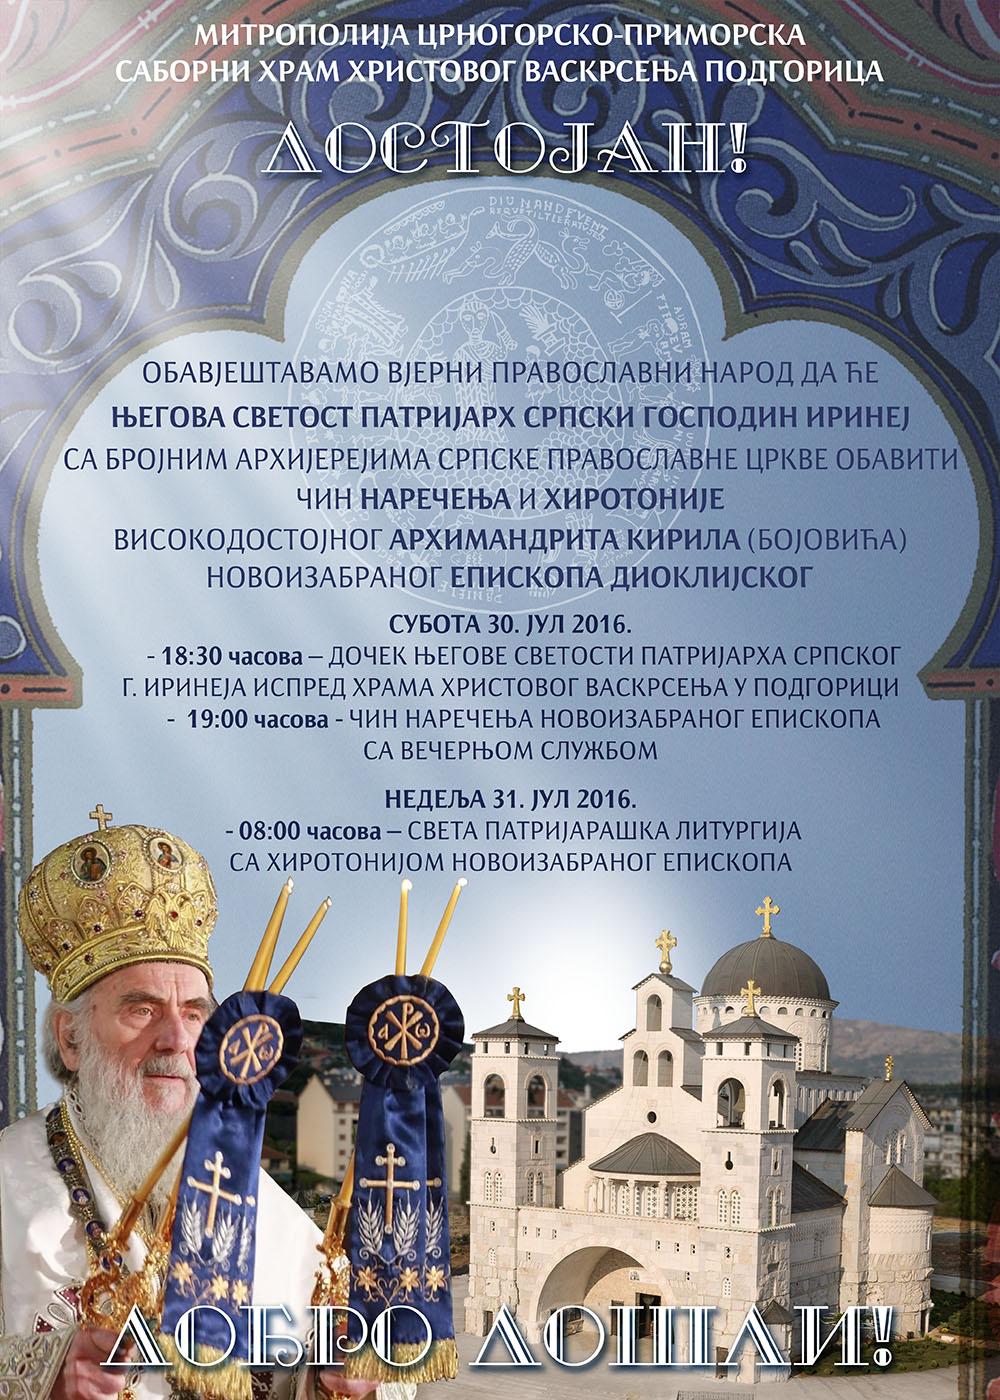 Најава: нареченије и хиротонија архимандрита Кирила